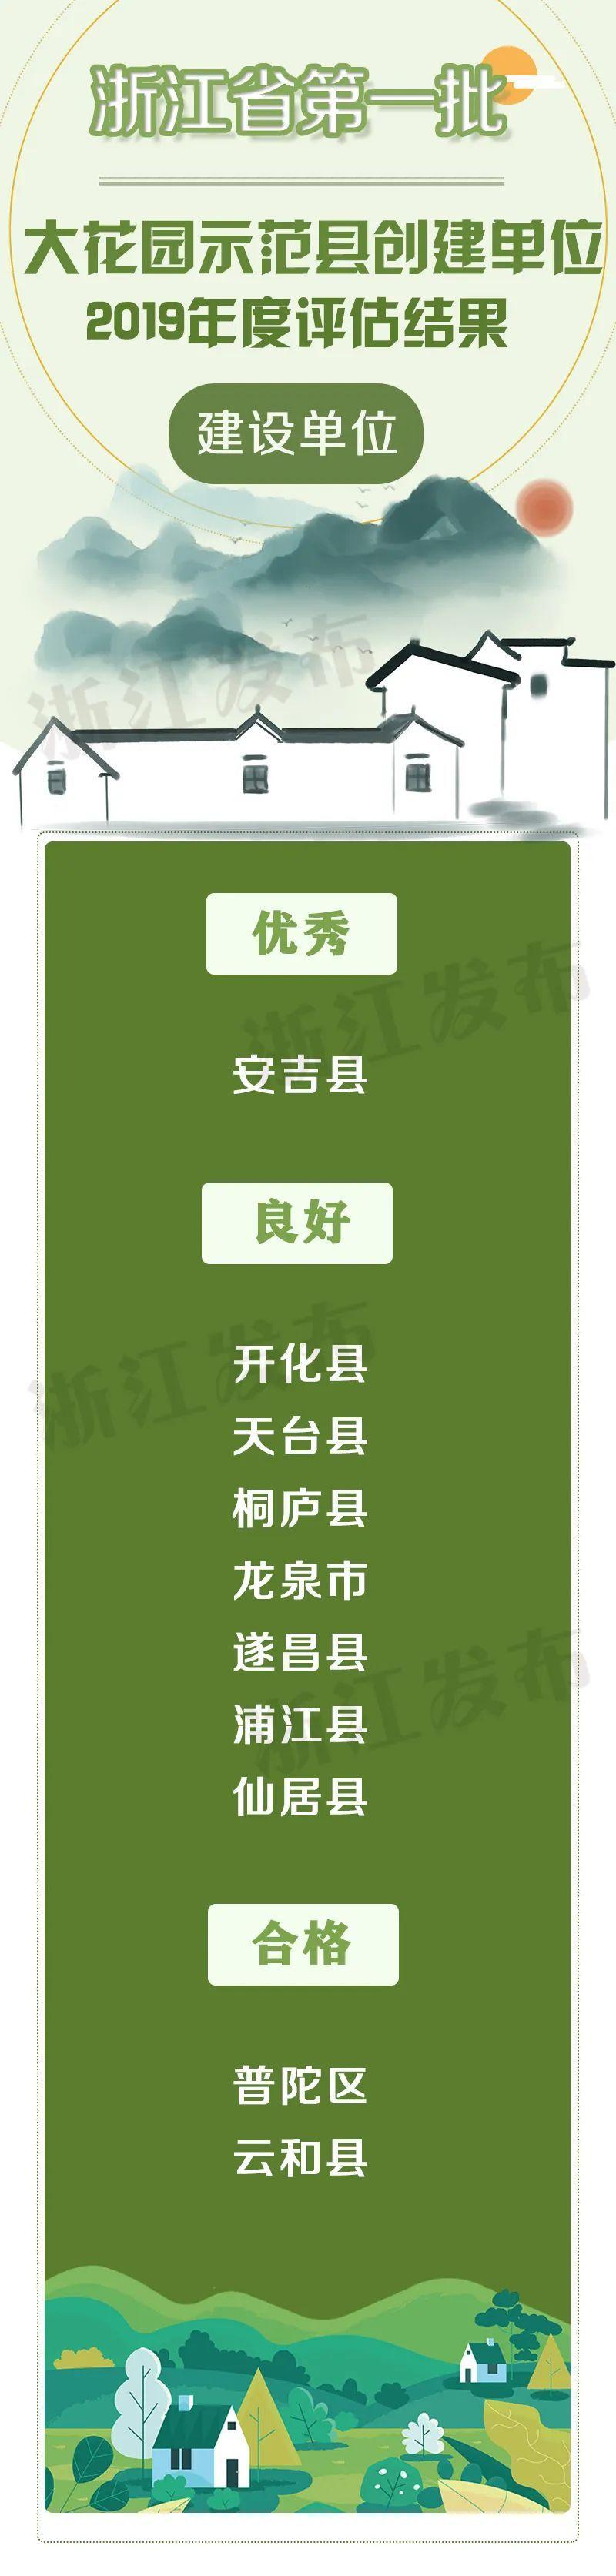 浙江公布第一批大花园示范县创建单位评估结果,文成泰顺上榜